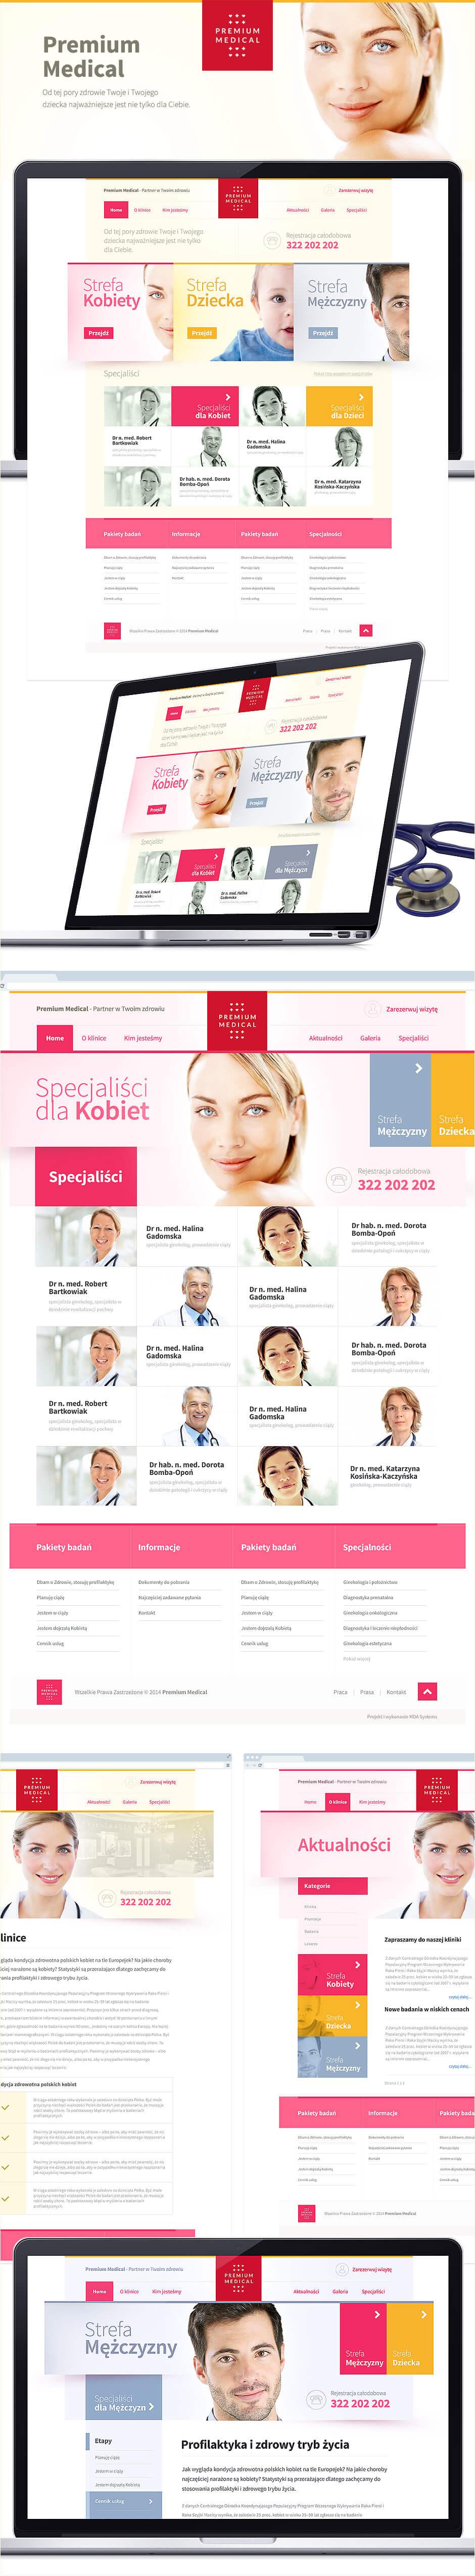 Specjalistyczna klinika medyczna